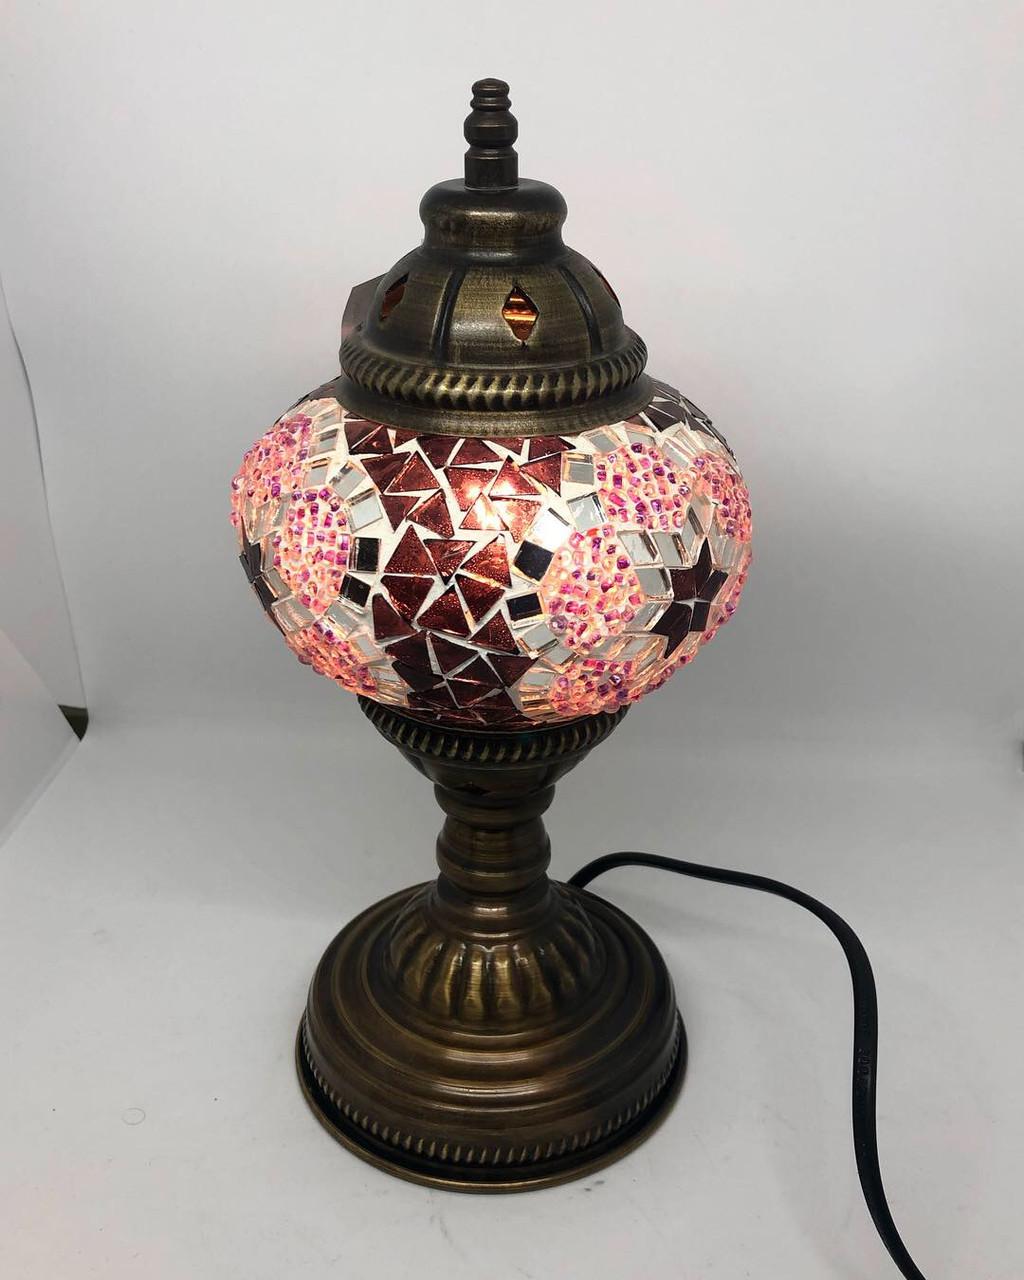 Настольный турецкий светильник Sinan из мозаики ручной работы розовый